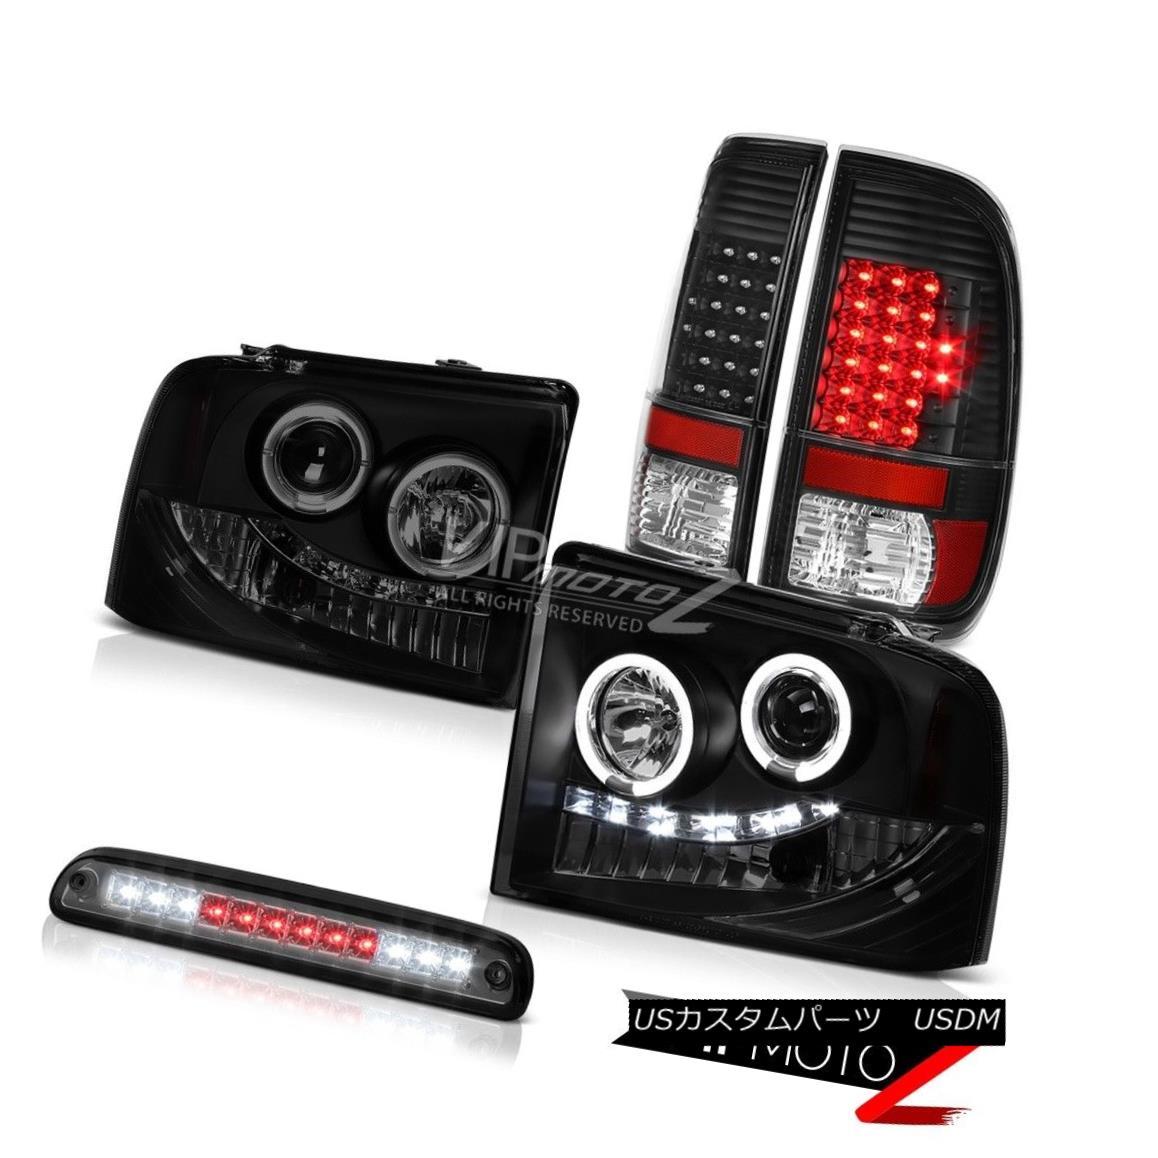 テールライト 2005 2006 2007 F250 FX4 Smoke Halo LED Headlights Black Taillights High Cargo 2005年2006年2007年F250 FX4スモークハローLEDヘッドライトブラックテールライトハイカーゴー